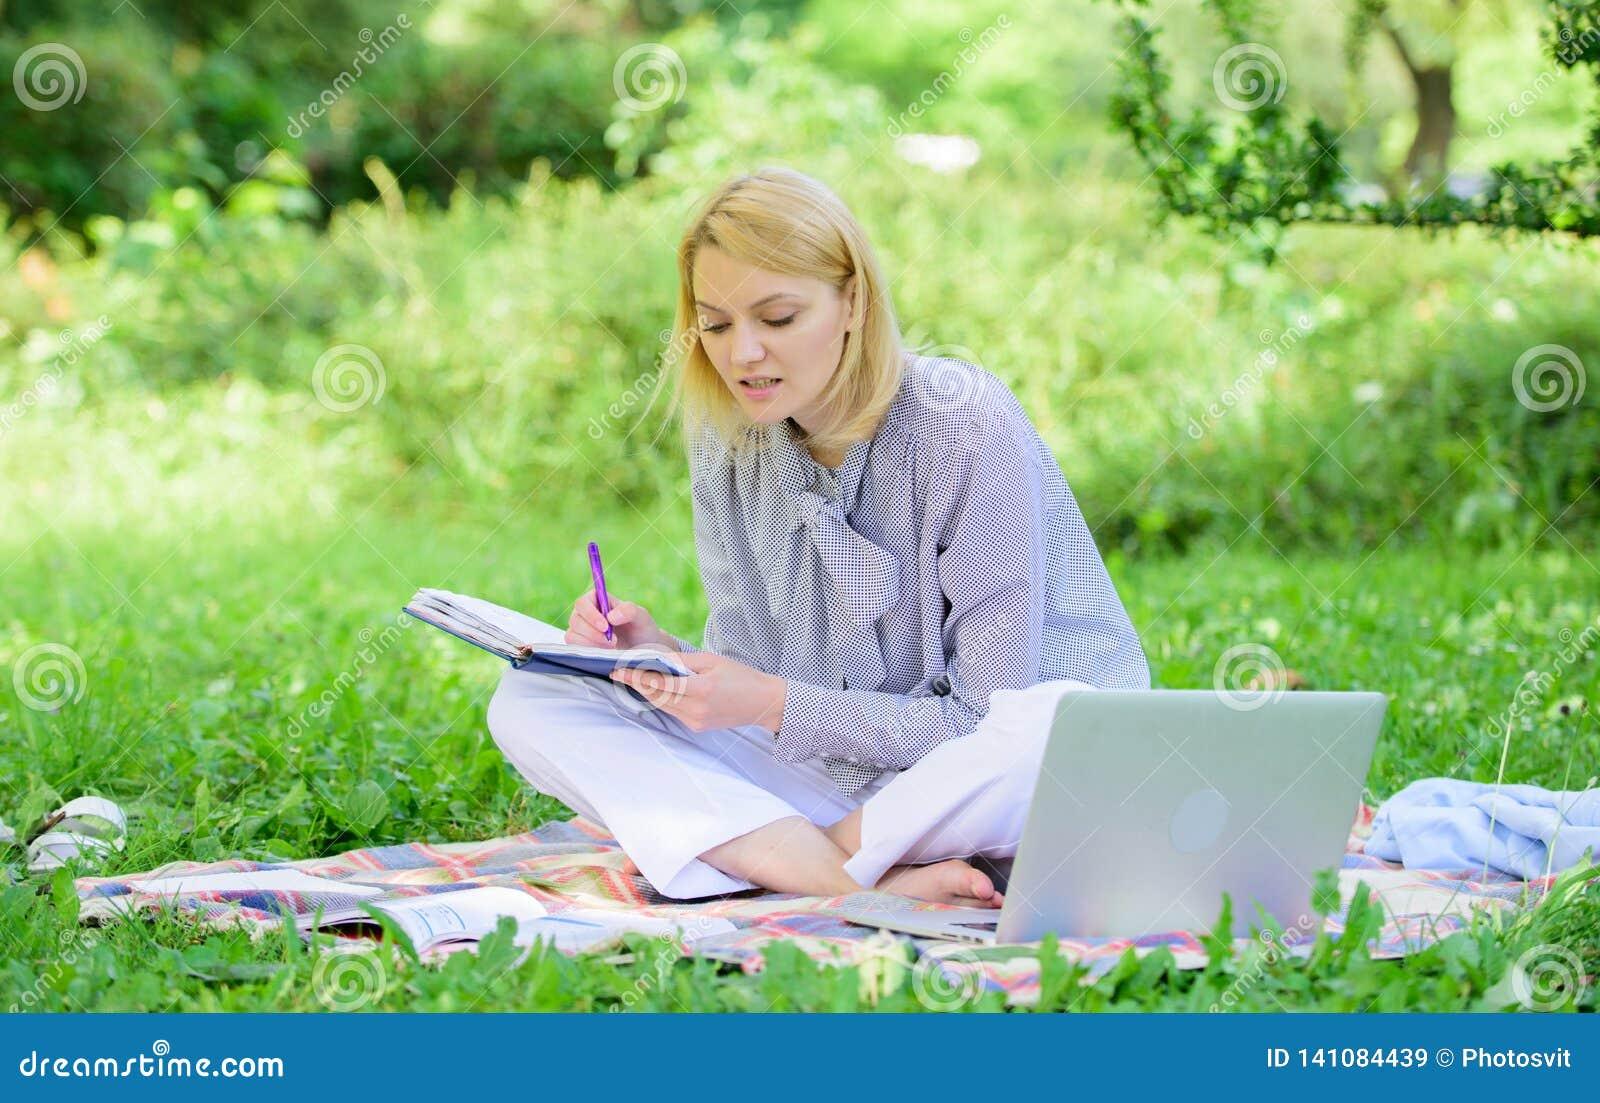 Guía que comienza carrera independiente Trabajo independiente de la señora del negocio al aire libre Freelancer acertado converti